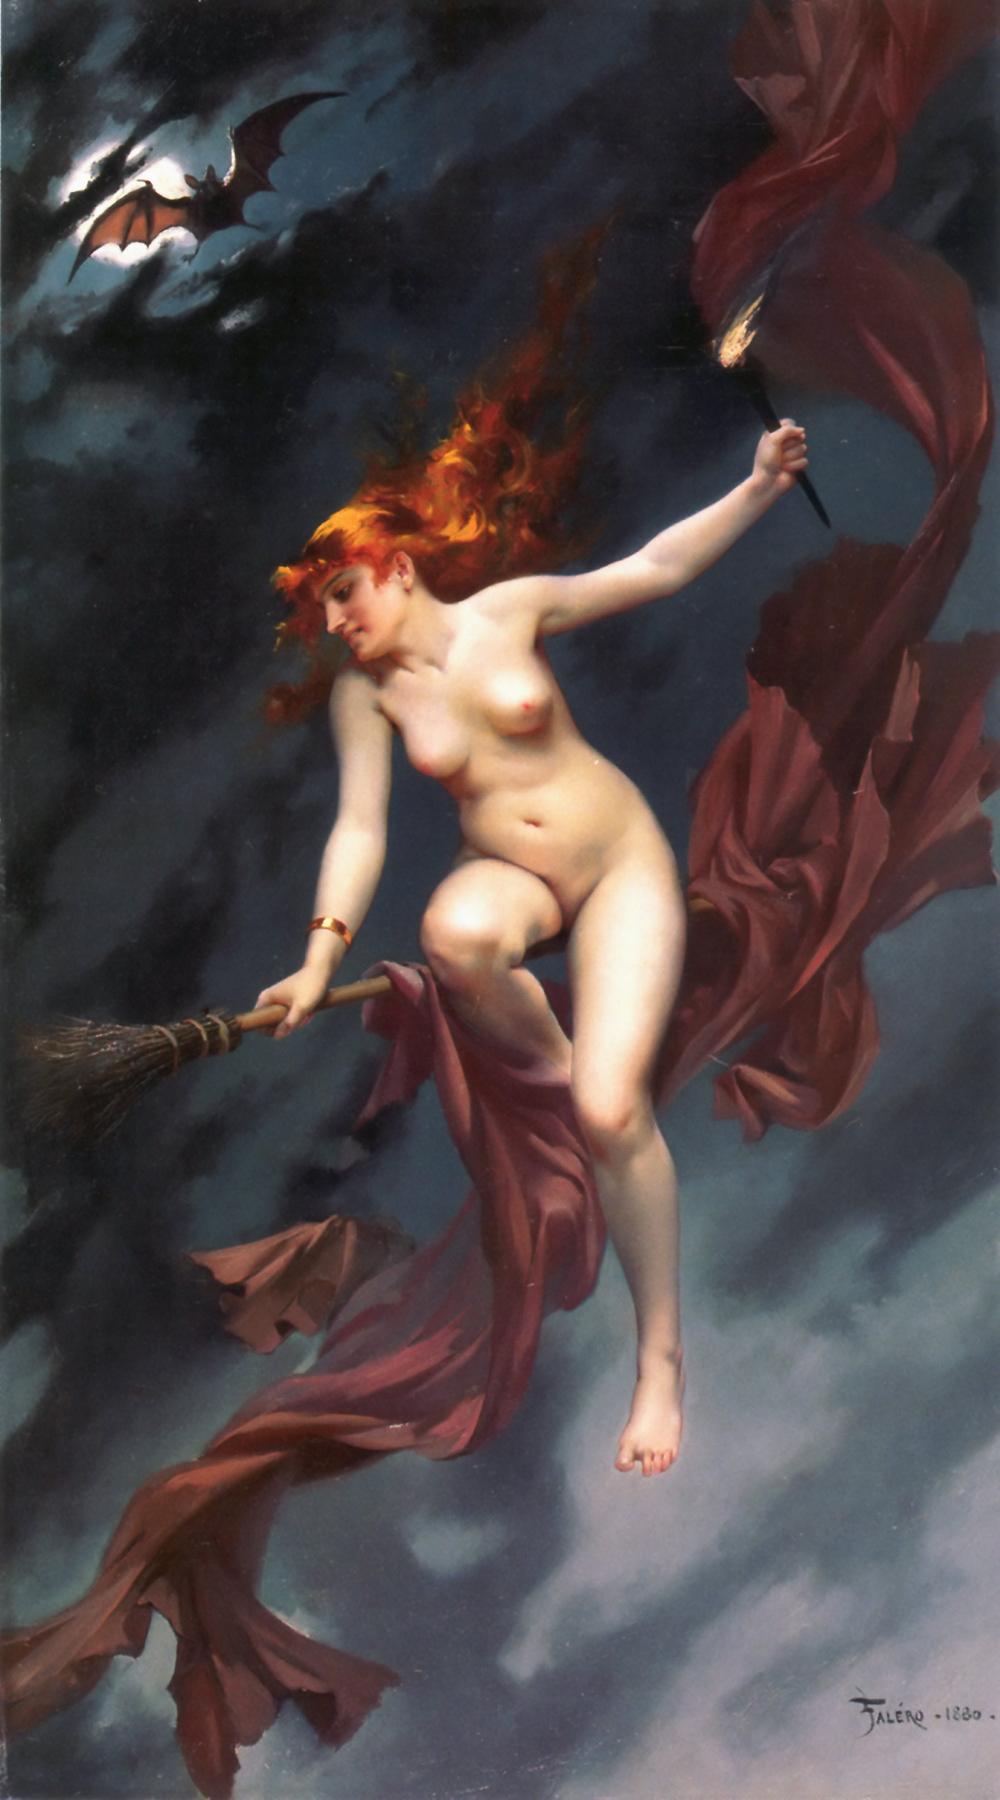 Skyclad - La sorcière allant au Sabbat